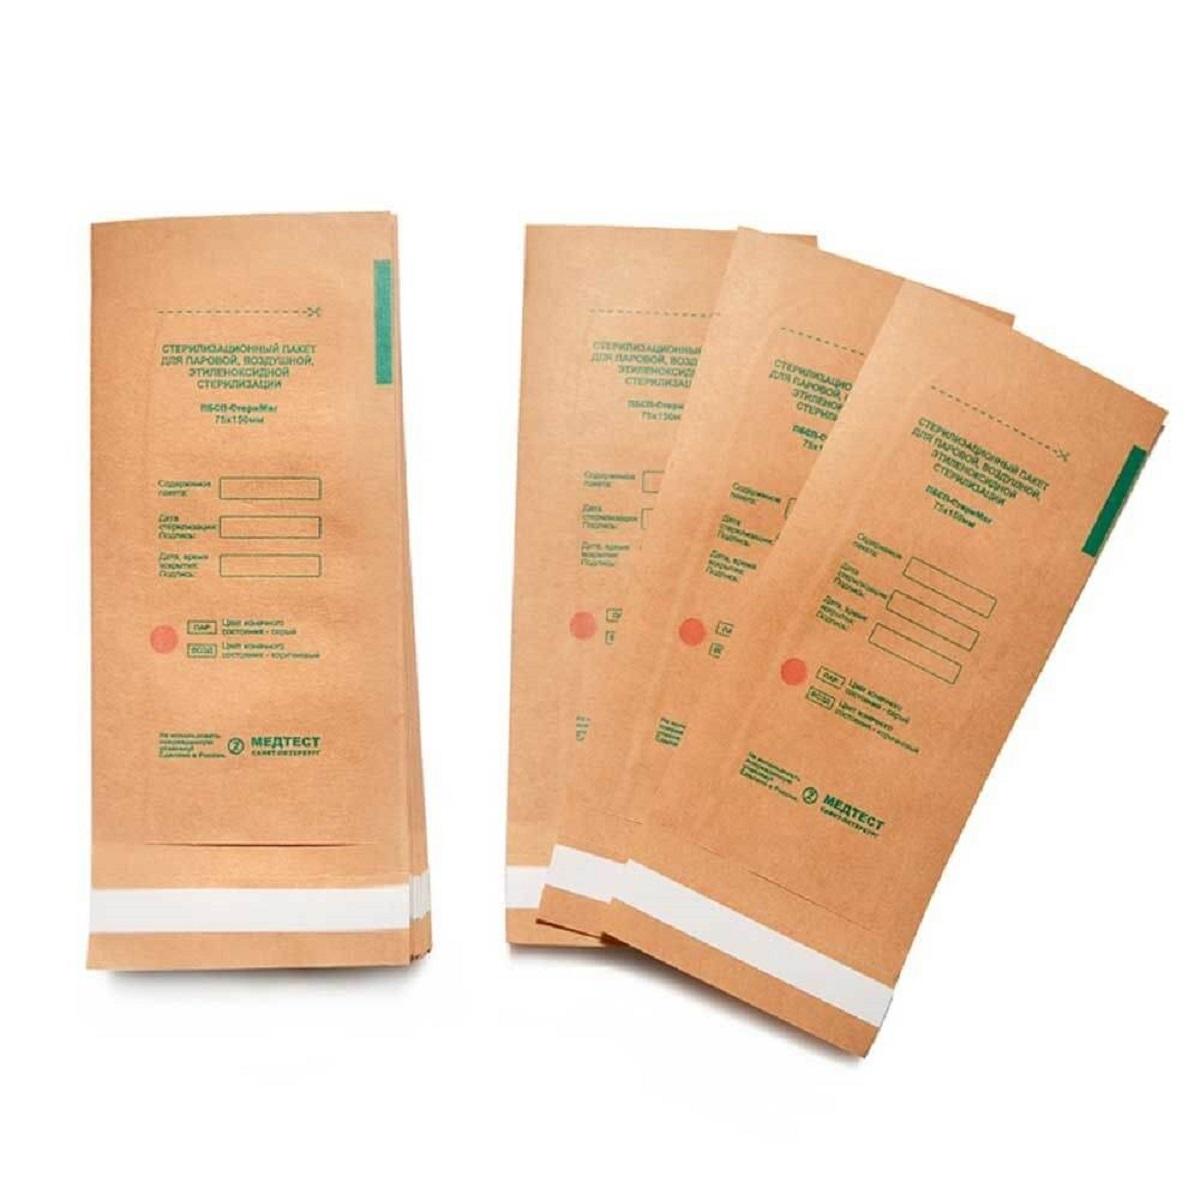 Крафт-пакеты МедТест, Крафт-пакеты для стерилизации, 75*150 мм, (100 шт./уп.) МедТест__Крафт-пакеты_для_стерилизации__75_150_мм___100_шт._уп._.jpg